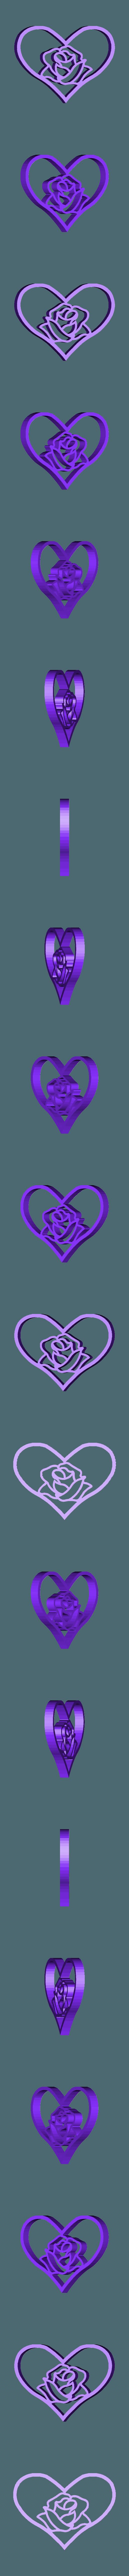 heart_rose.stl Télécharger fichier STL gratuit Coeur de Quilling imprimé en 3D • Modèle pour impression 3D, TanyaAkinora